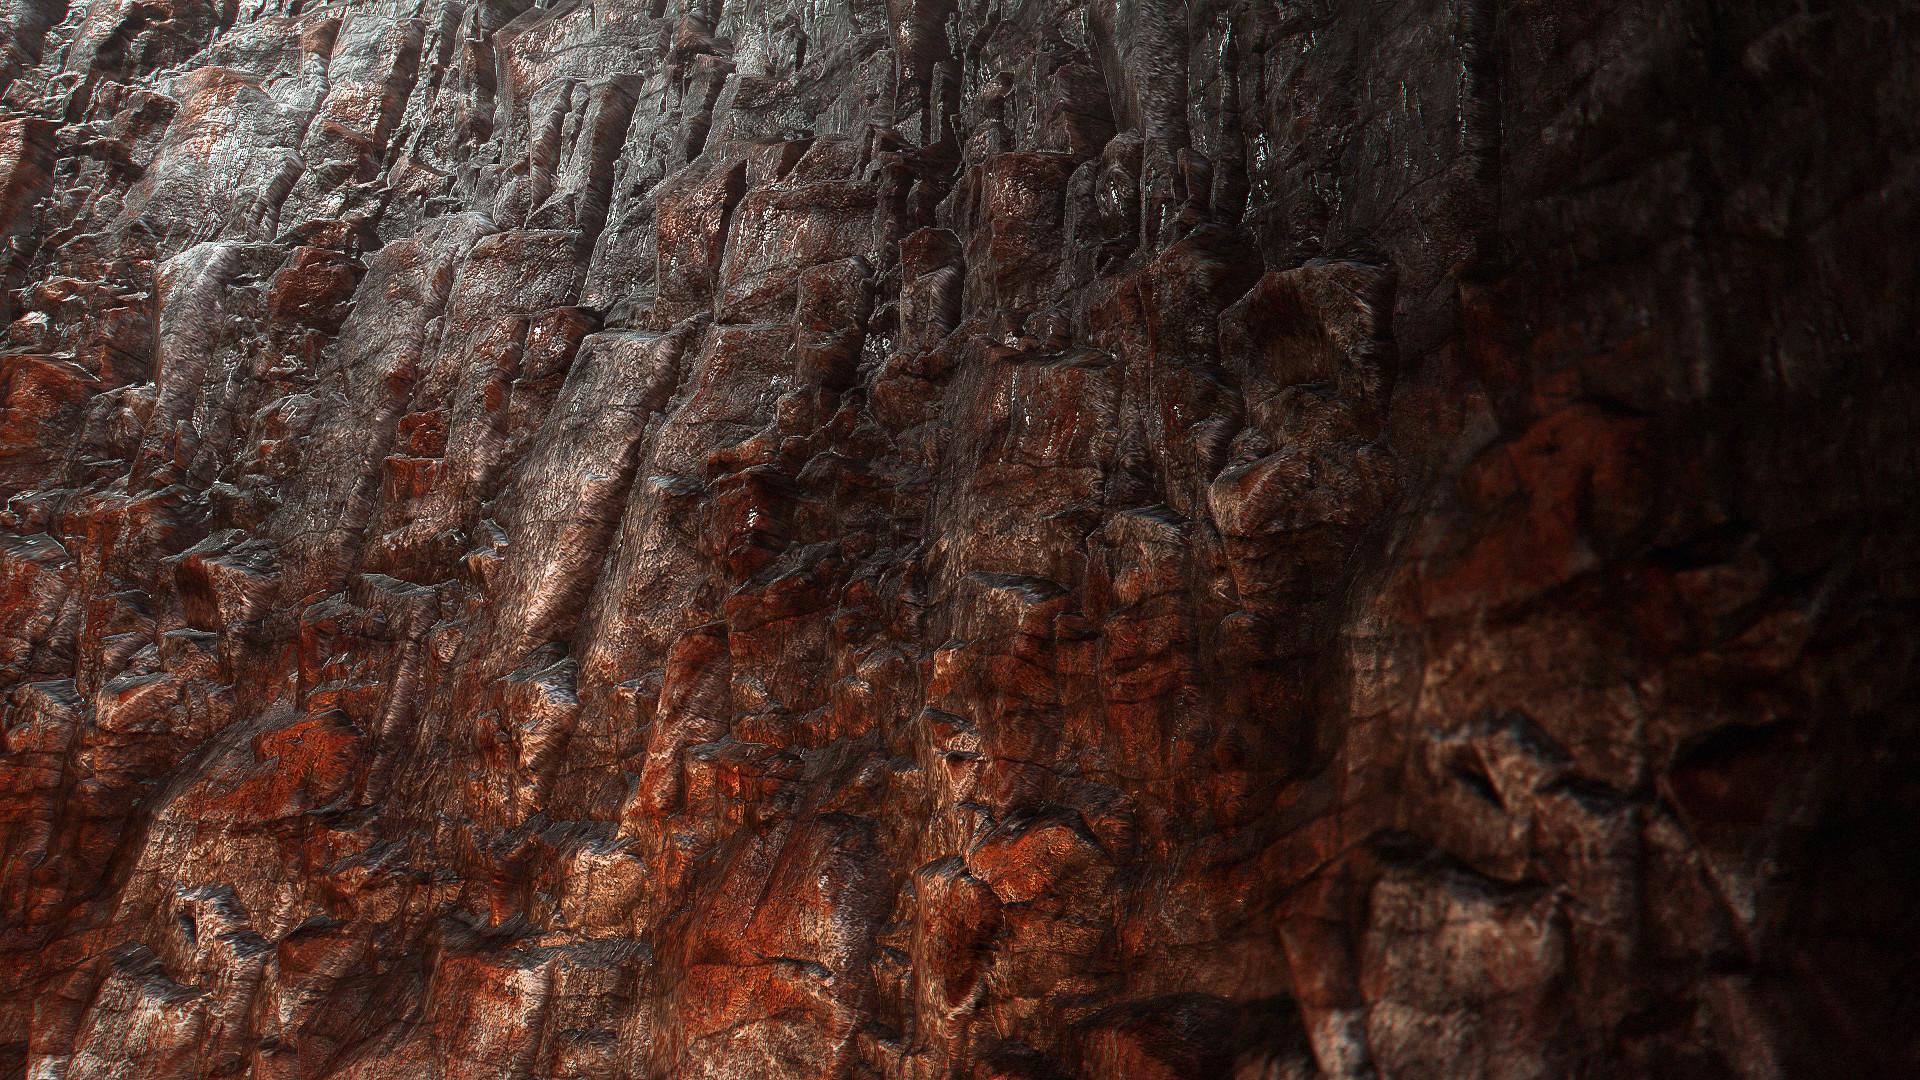 Romain pommier rock 01